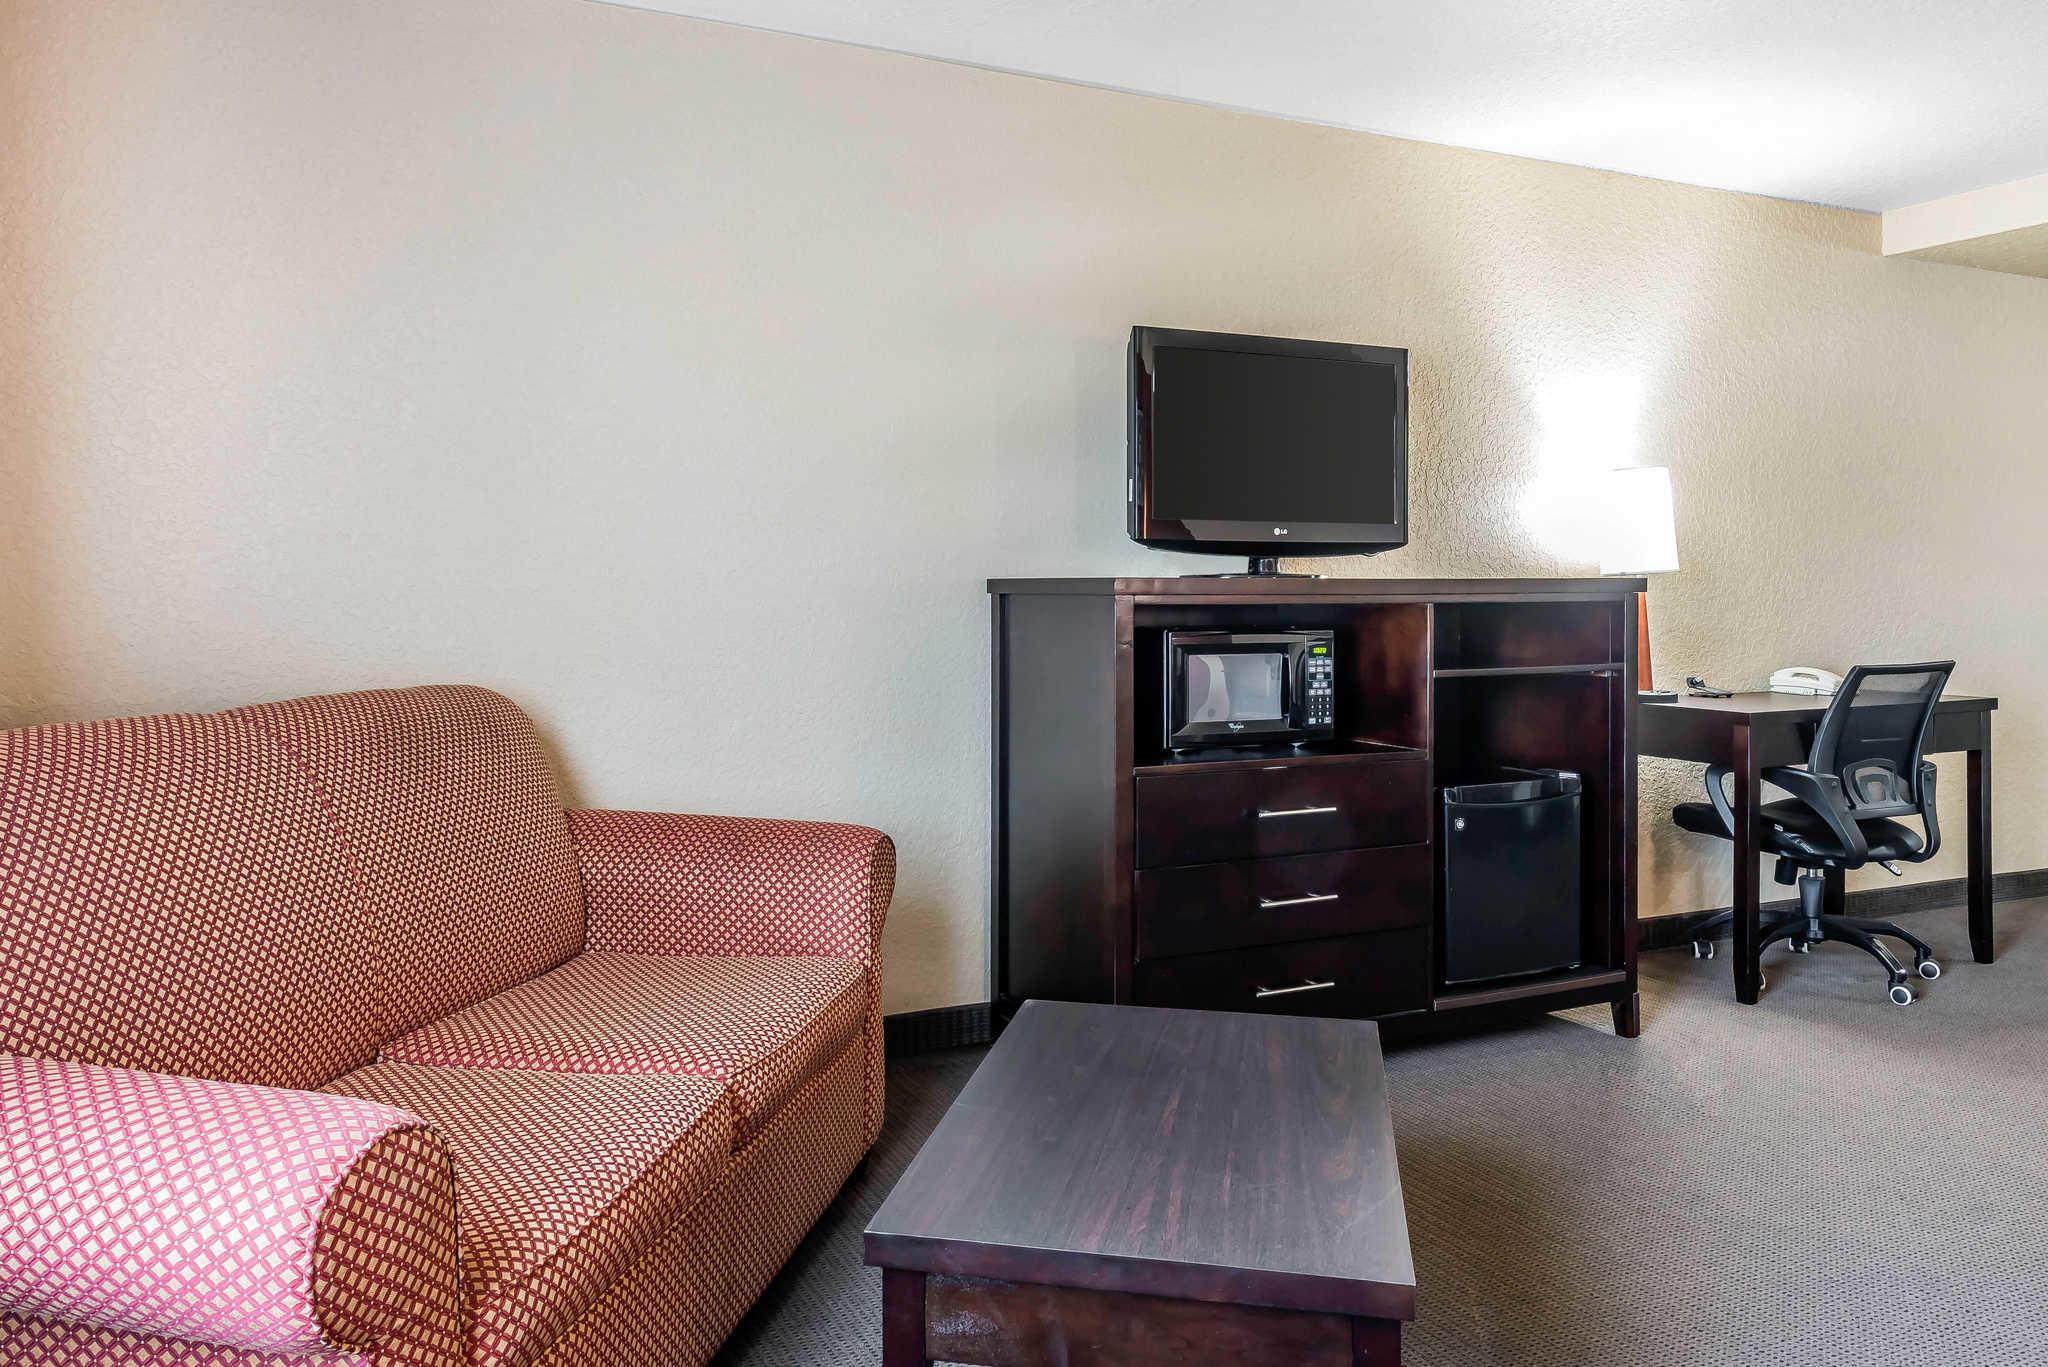 Sleep Inn & Suites Ocala - Belleview image 20